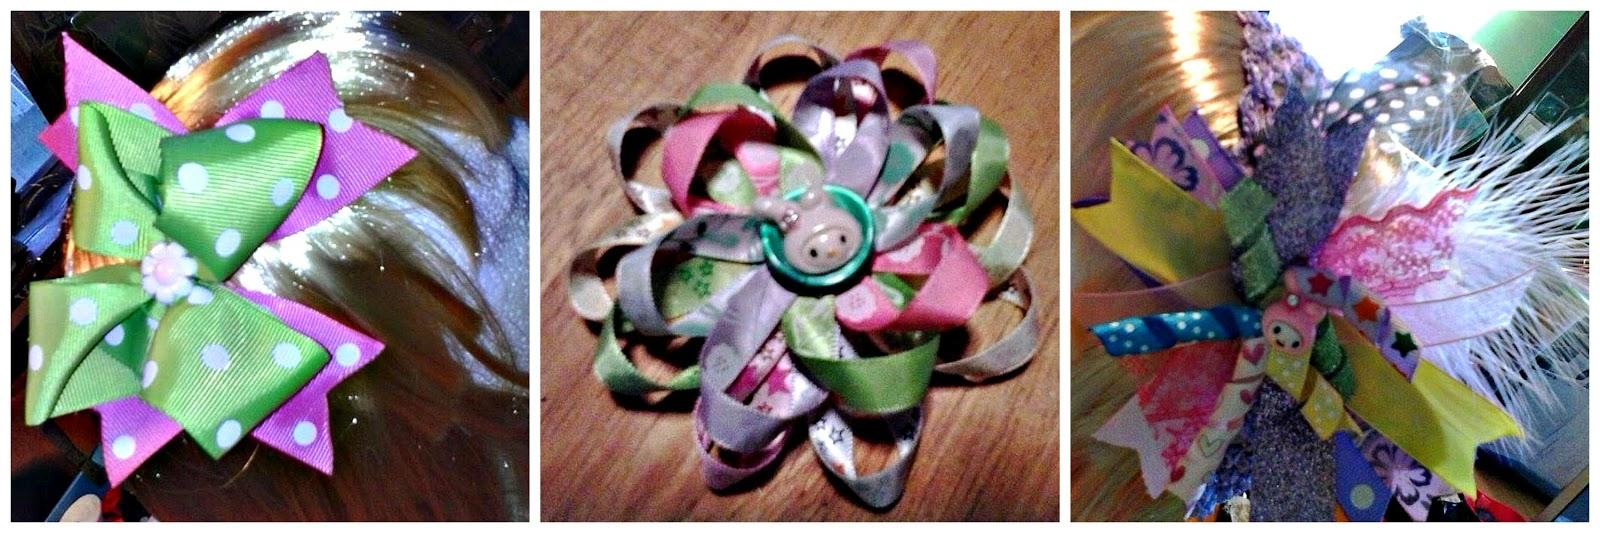 http://www.ebay.com/usr/judeskocki-kelly